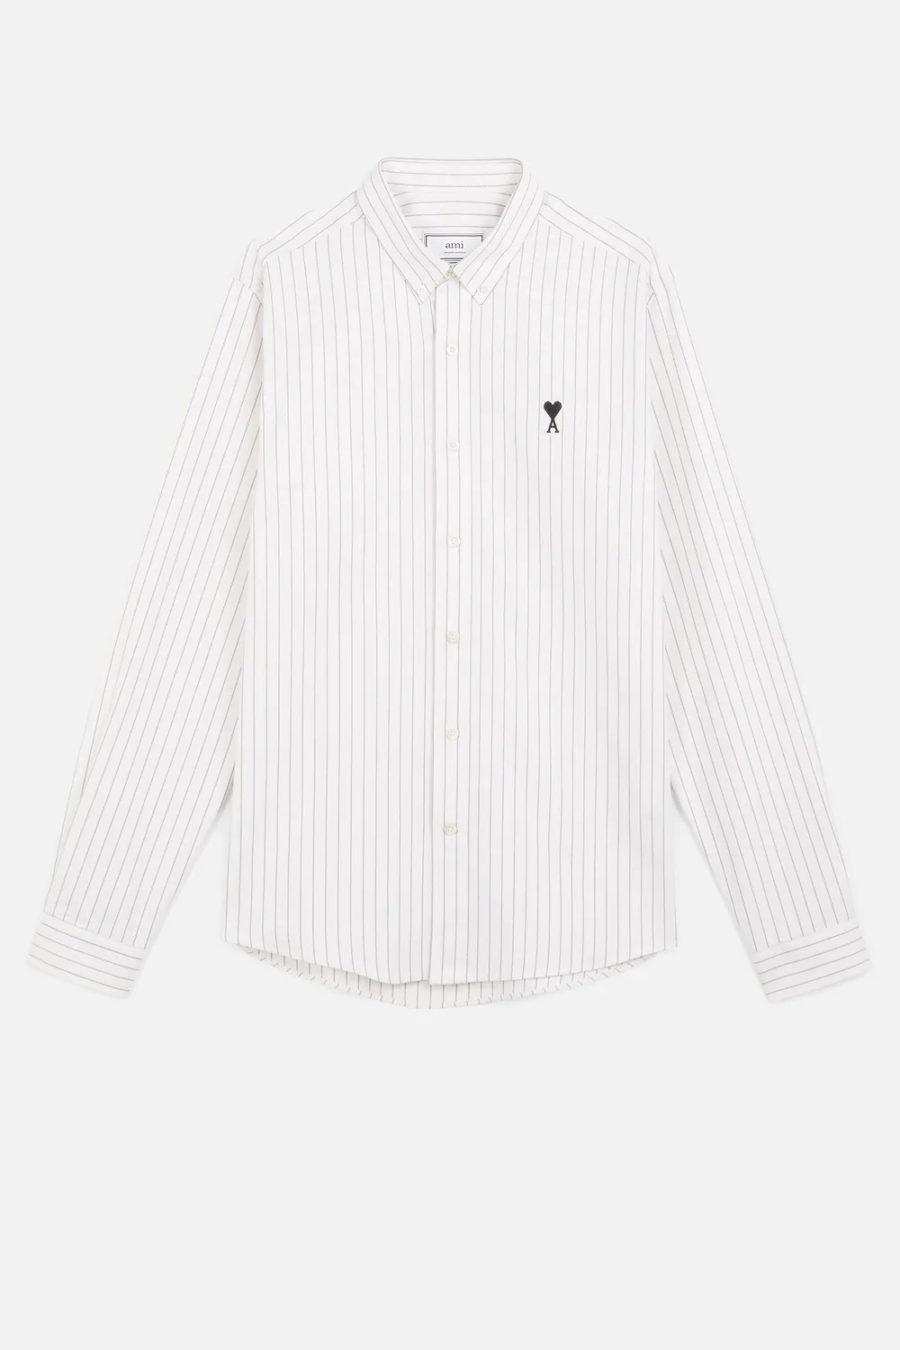 Ami Paris button down shirt